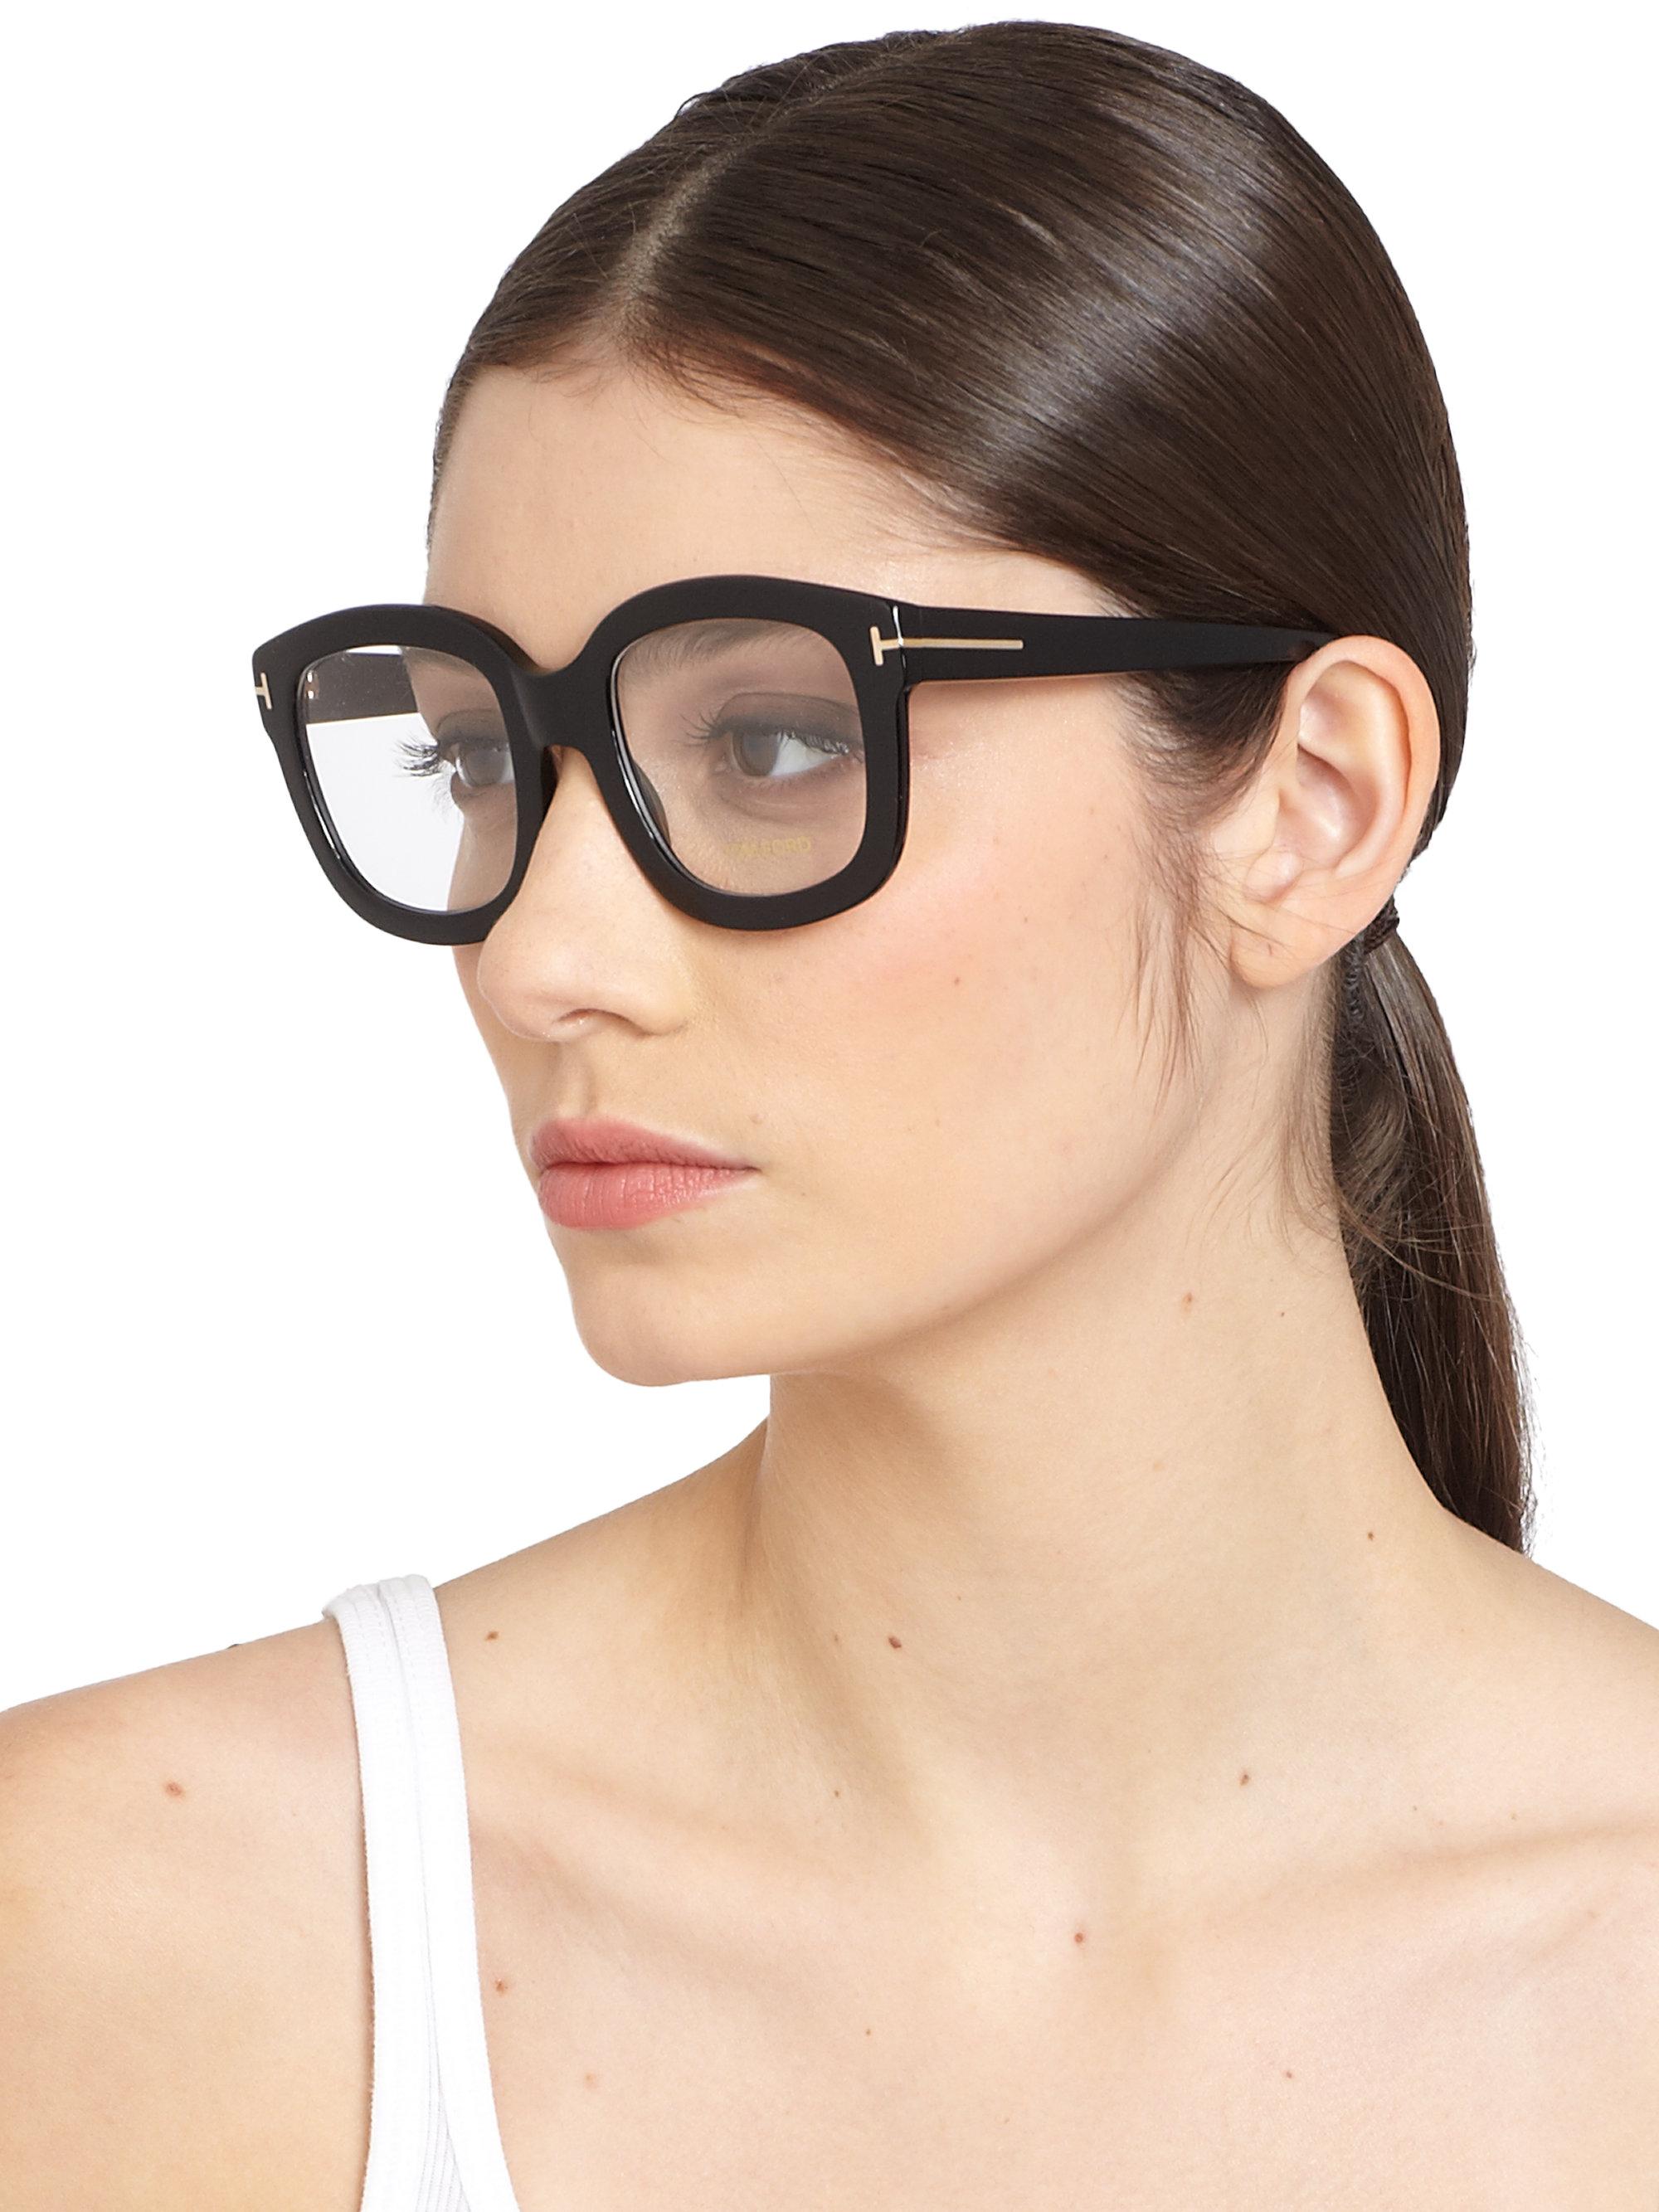 58876b1da6 Lyst tom ford oversized acetate eye glasses in black jpg 2000x2667 Tom ford  cat eye glasses